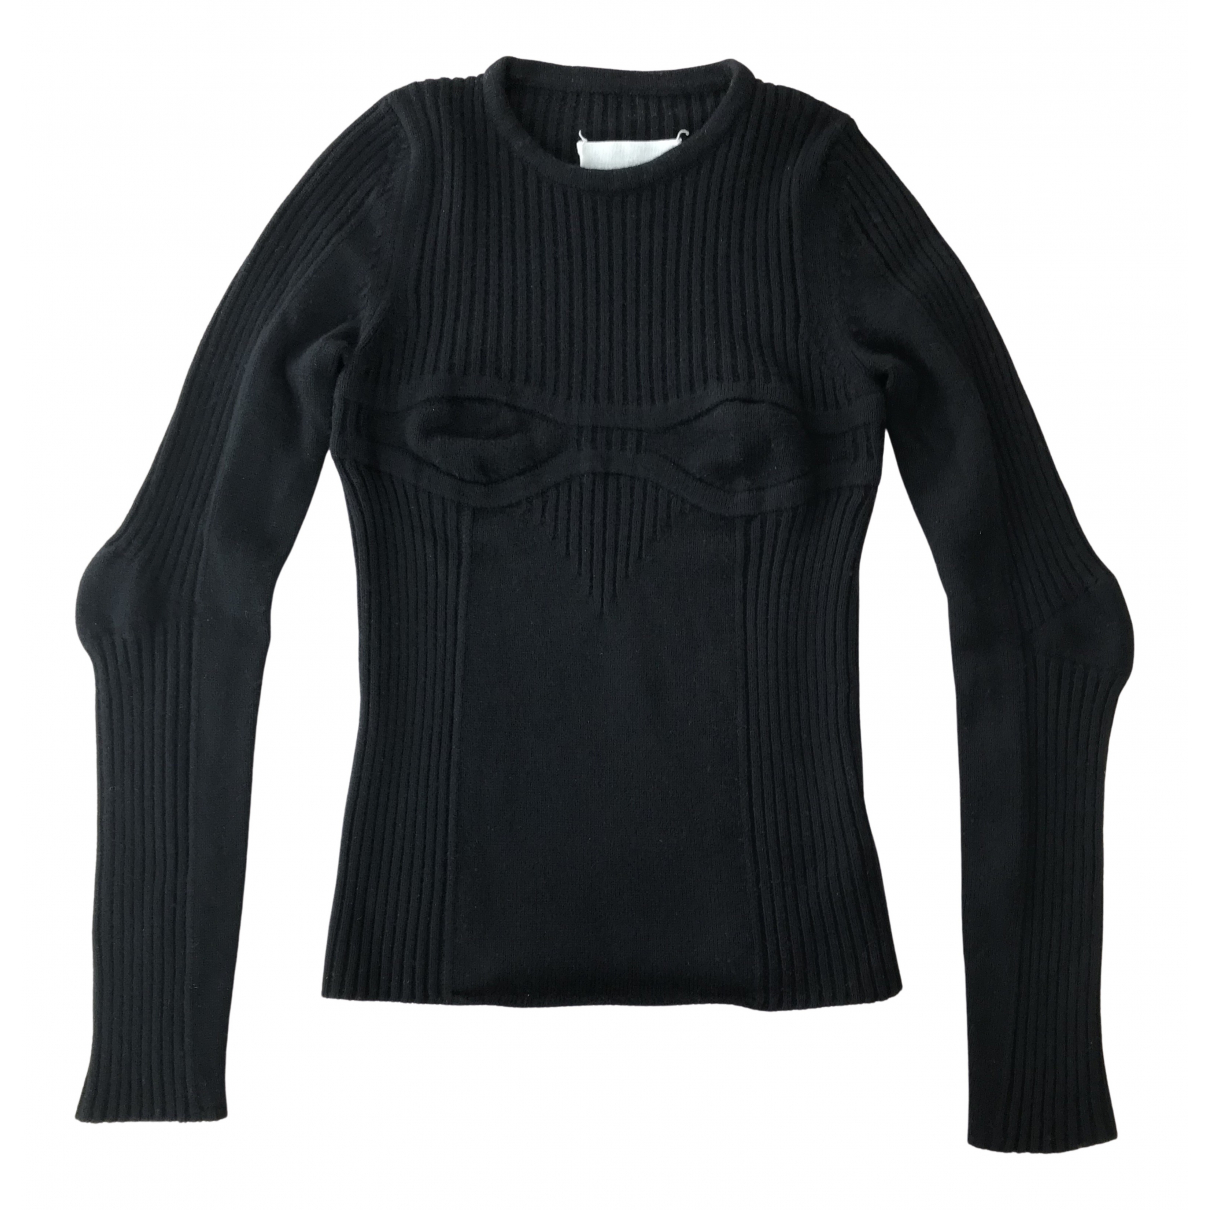 Maison Martin Margiela - Pull   pour femme en laine - noir